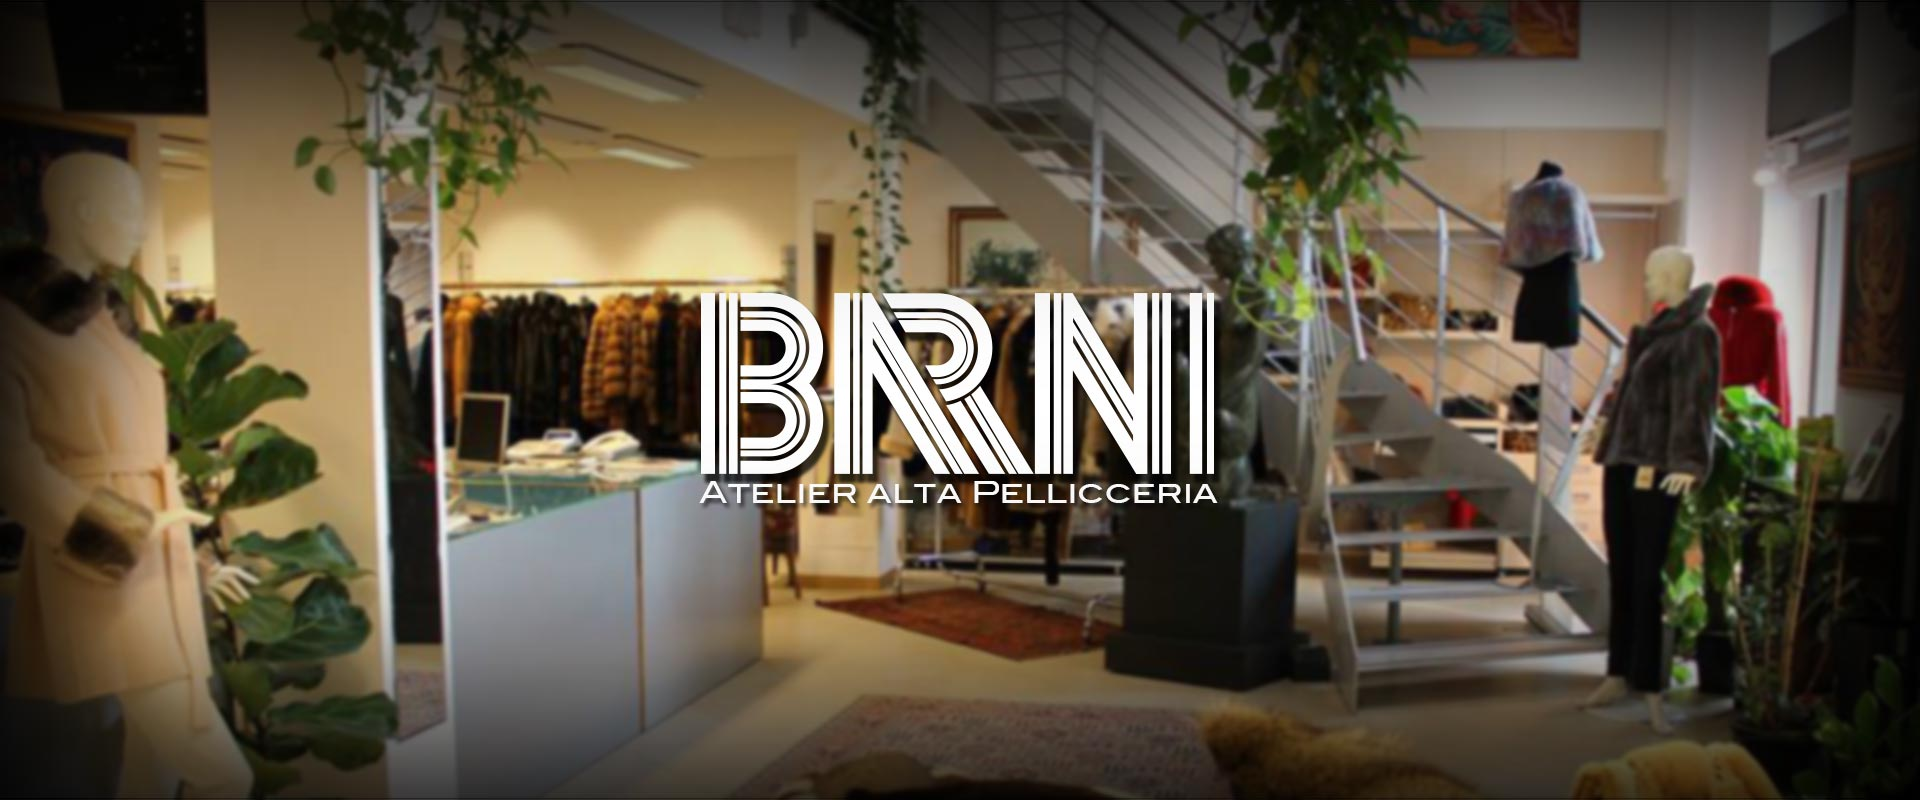 finest selection add18 da6d5 Pellicceria Barni   Atelier Alta Pellicceria